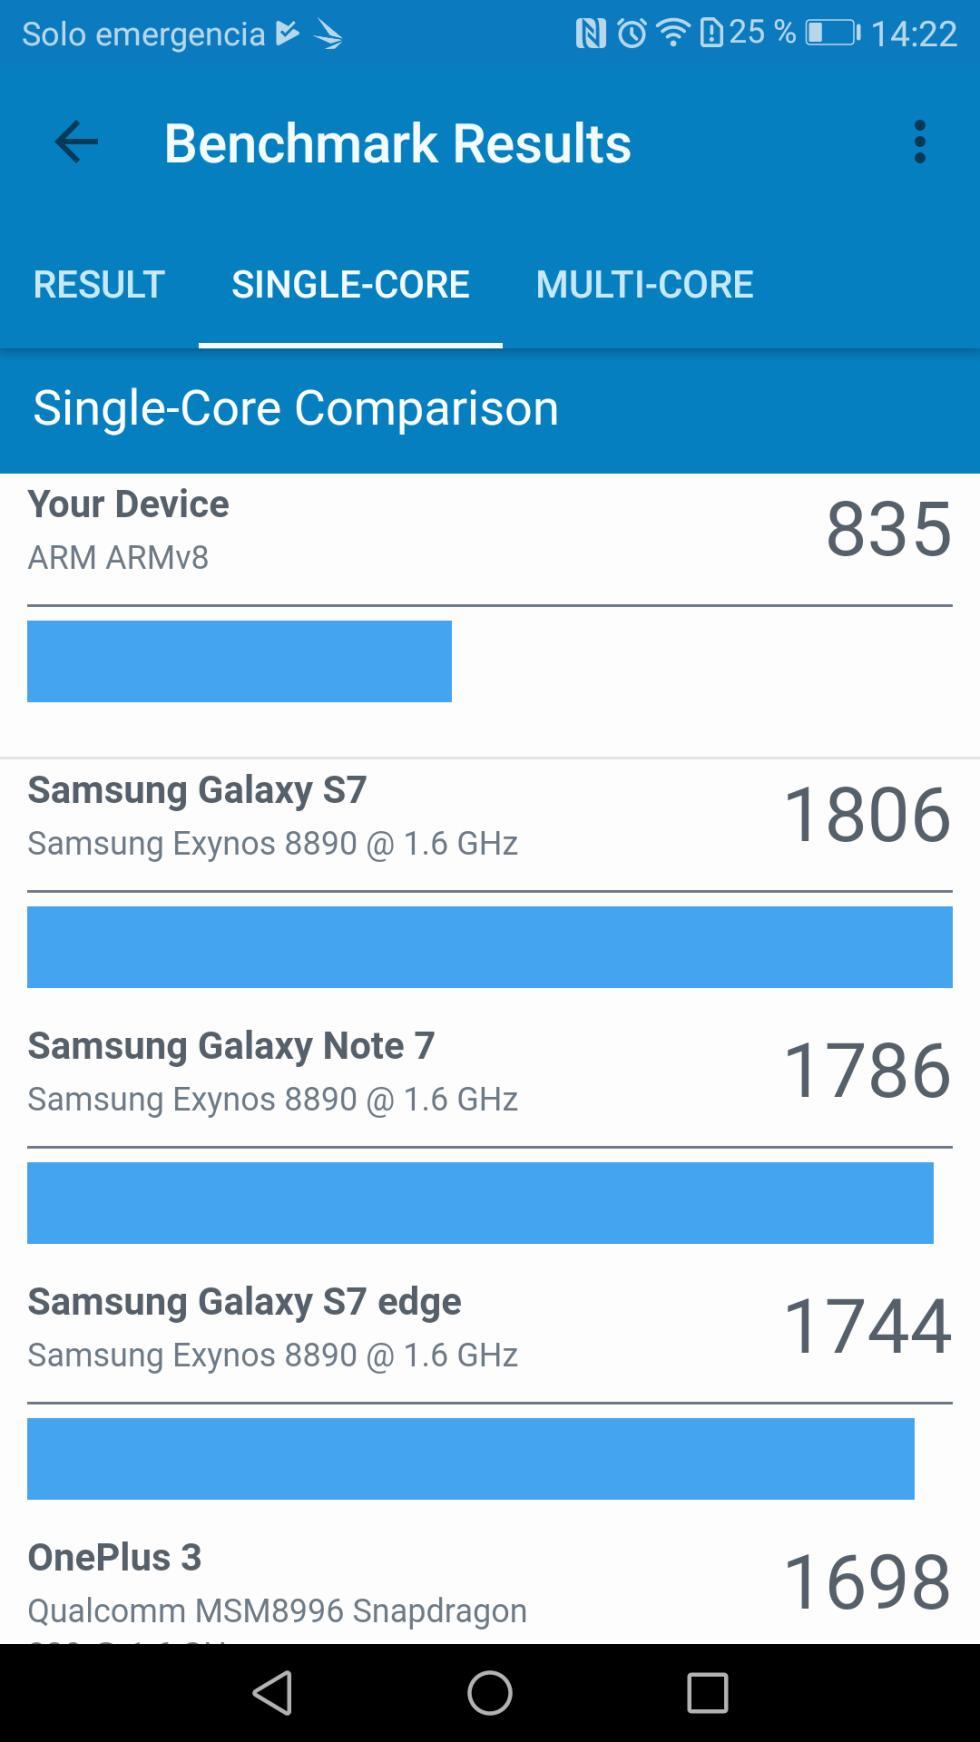 Pruebas de rendimiento del Huawei P10 Lite: AnTuTu, 3DMark y GeekBench 4